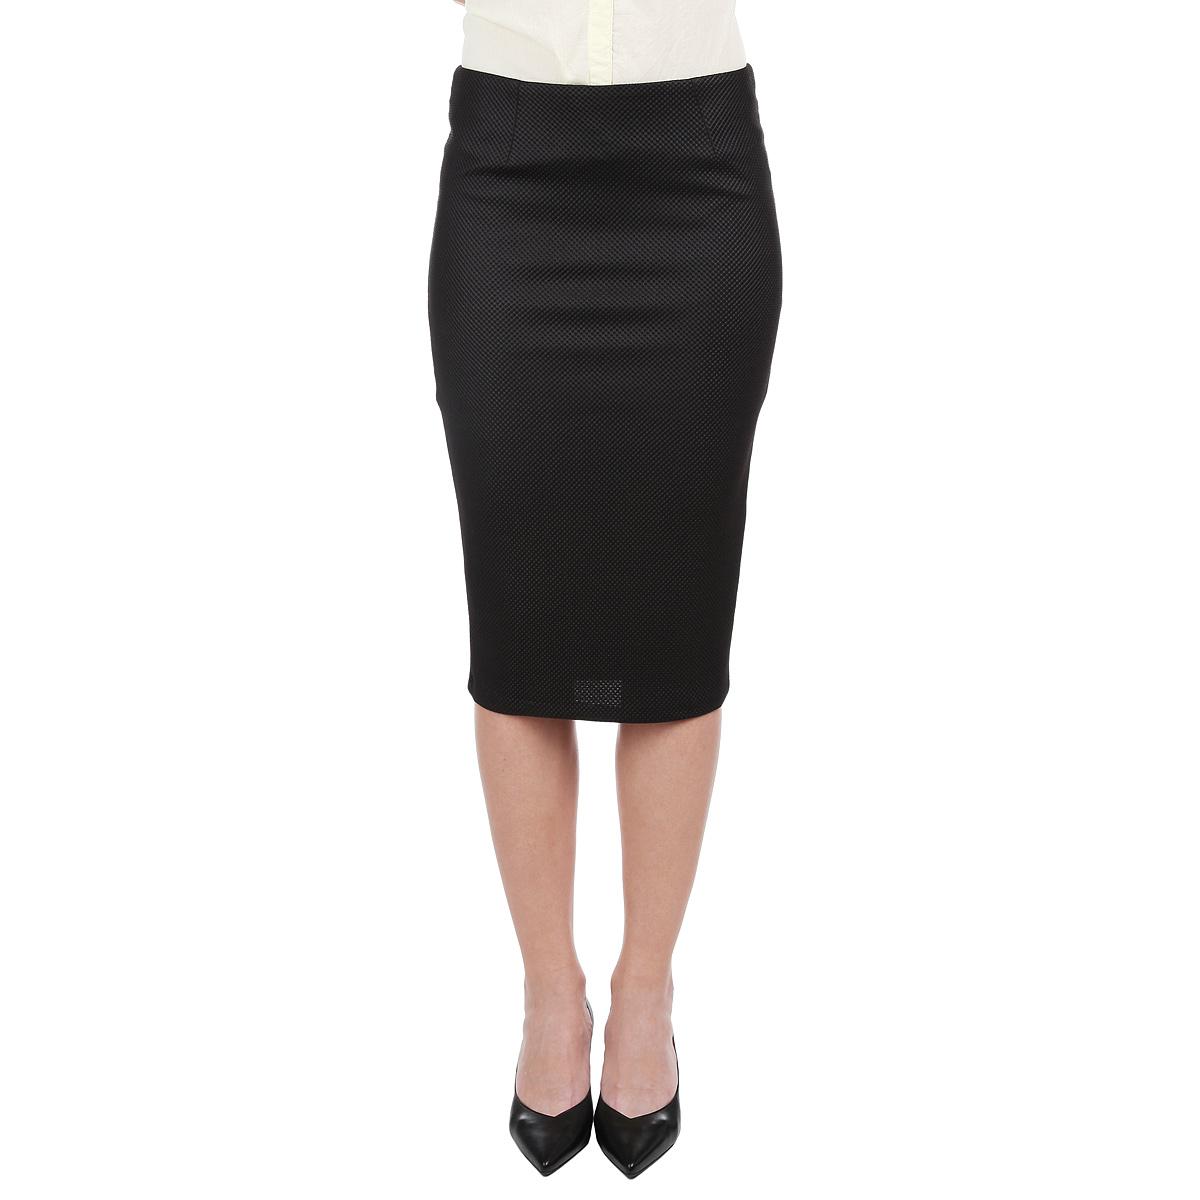 ЮбкаSSW1744CAМодная юбка-карандаш Top Secret, изготовленная из плотного фактурного материала с подкладом из полиэстера, подарит ощущение радости и комфорта. Модель классического фасона на талии, застегивается сзади на потайную застежку-молнию. Облегающий крой позволит подчеркнуть все достоинства вашей фигуры. В этой юбке вы будете чувствовать себя неотразимой, оставаясь в центре внимания. Отличный вариант для офиса.